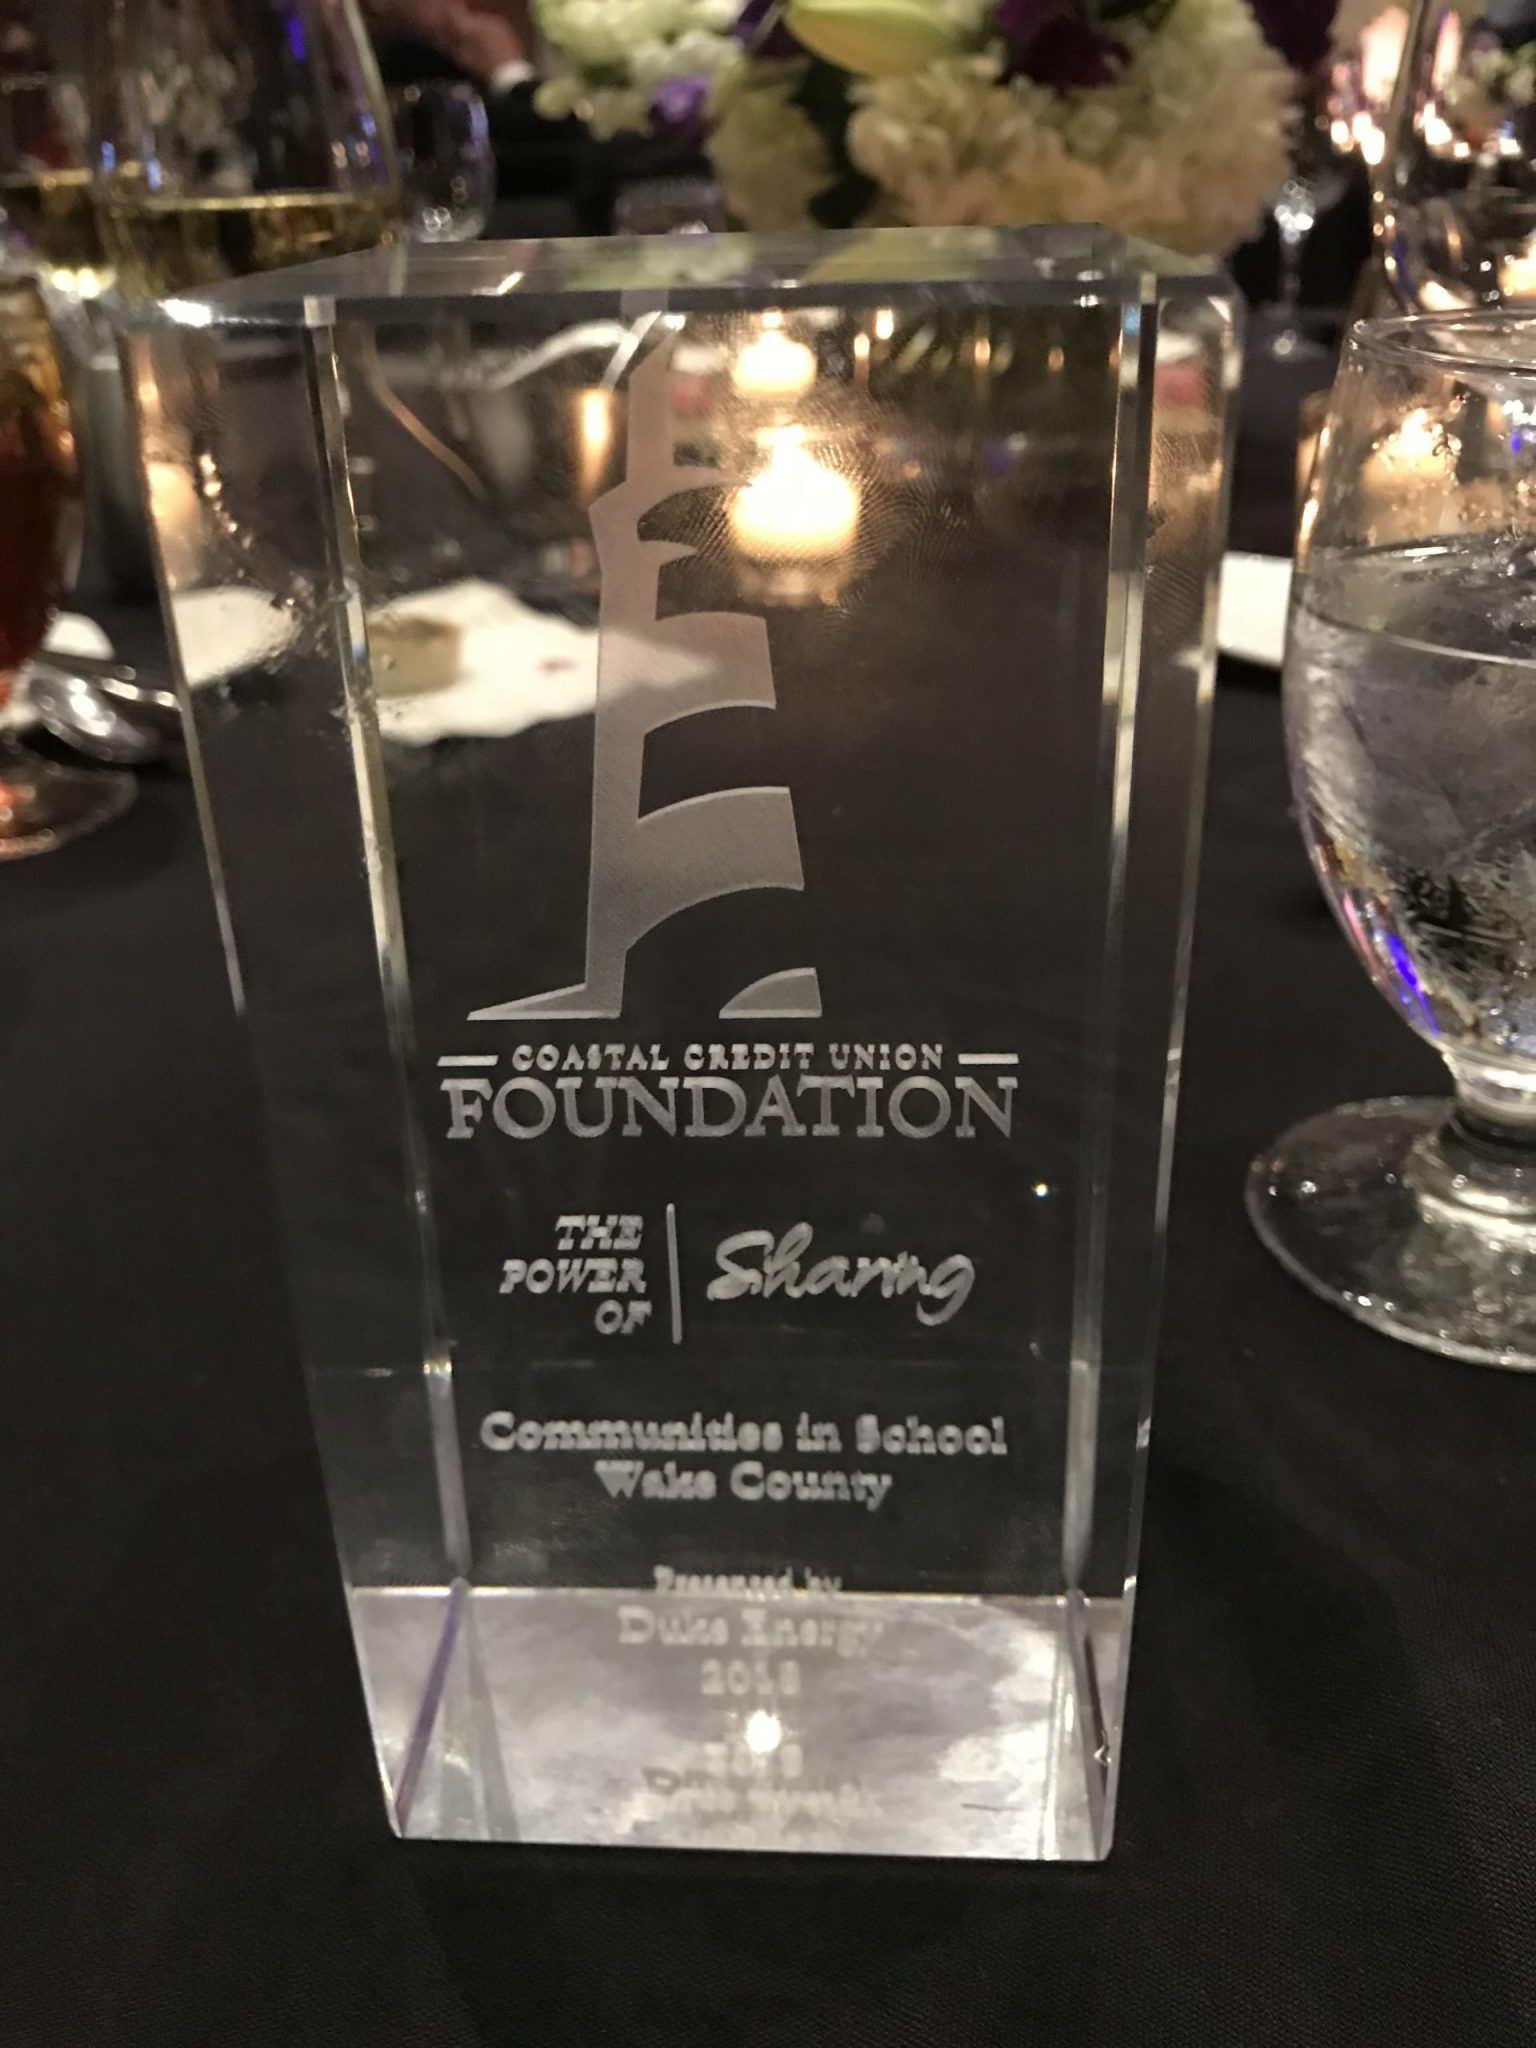 Duke Energy nominates CIS Wake for 2019 Coastal Power of Sharing Award!